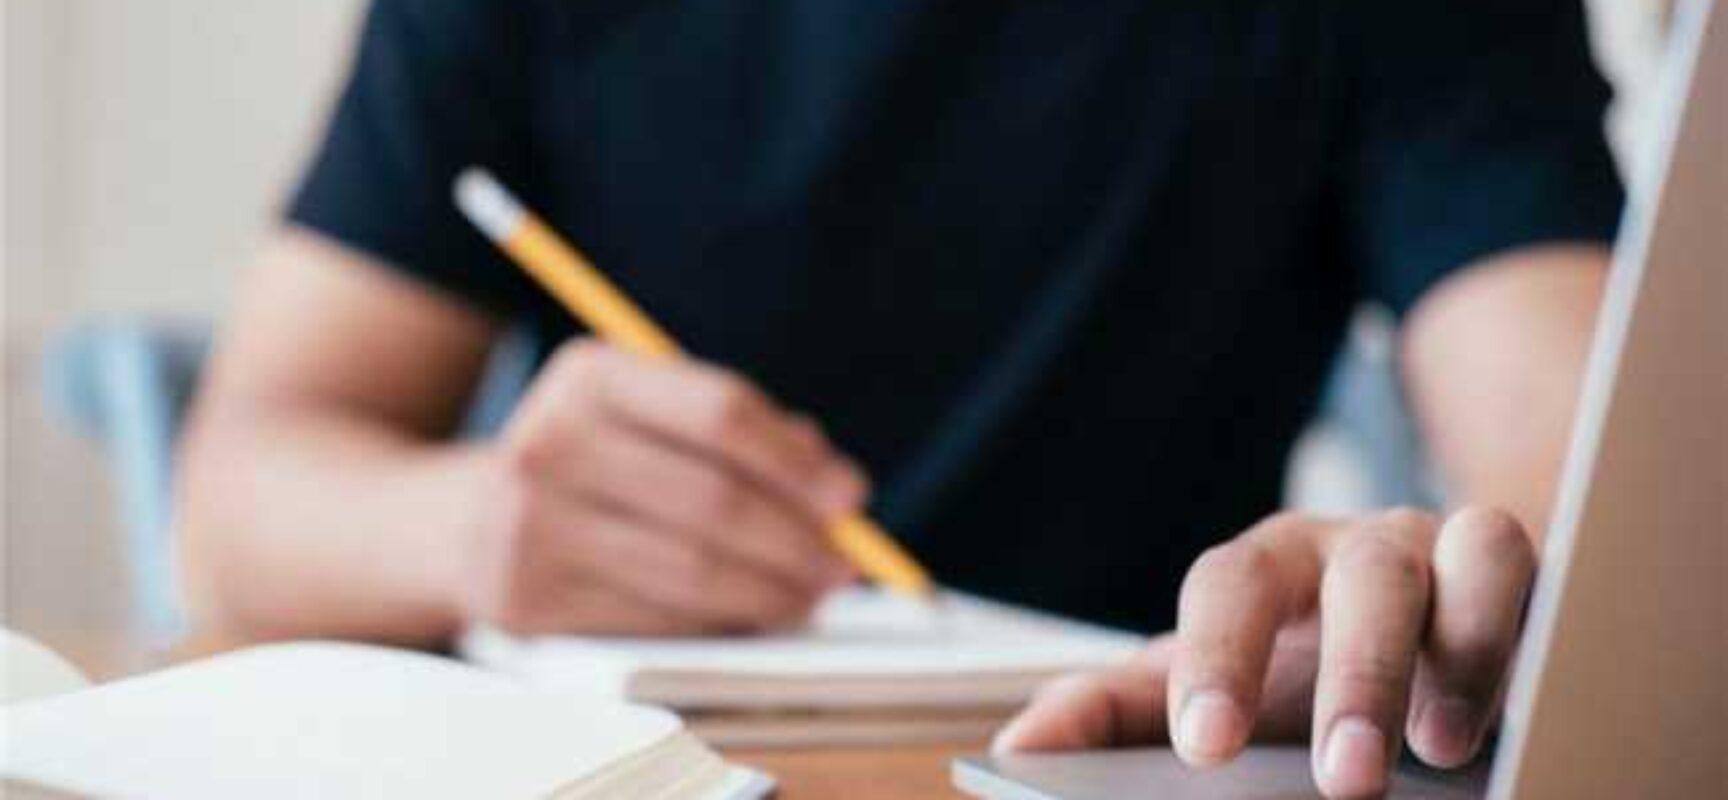 Educação: Seduc divulga agenda semanal; plantão pedagógico acontece de 13 a 17 de setembro